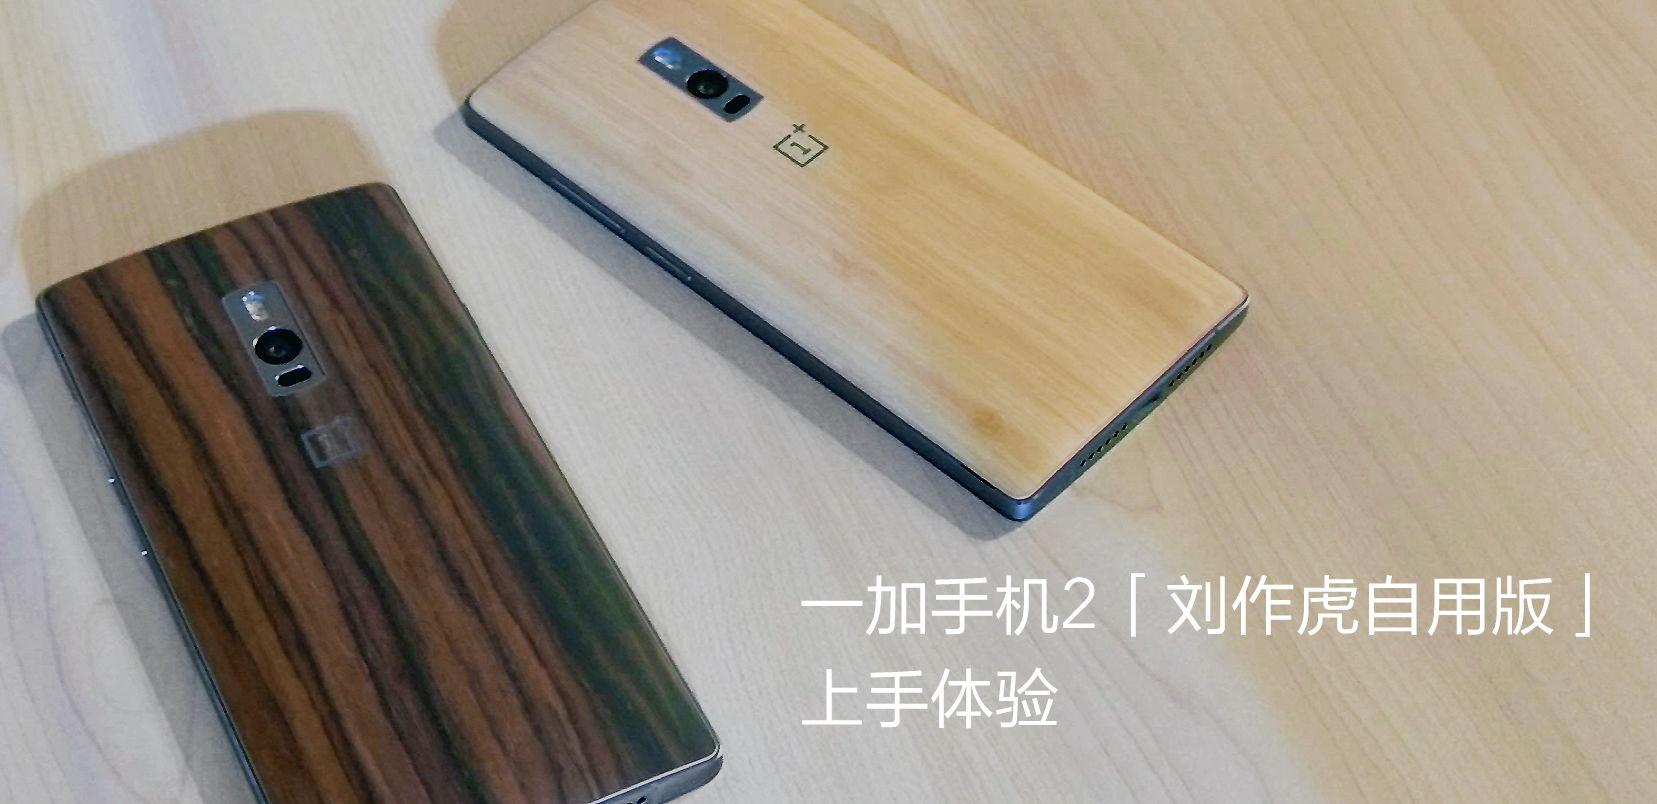 【极客现场】一加手机2「刘作虎自用版」上手体验